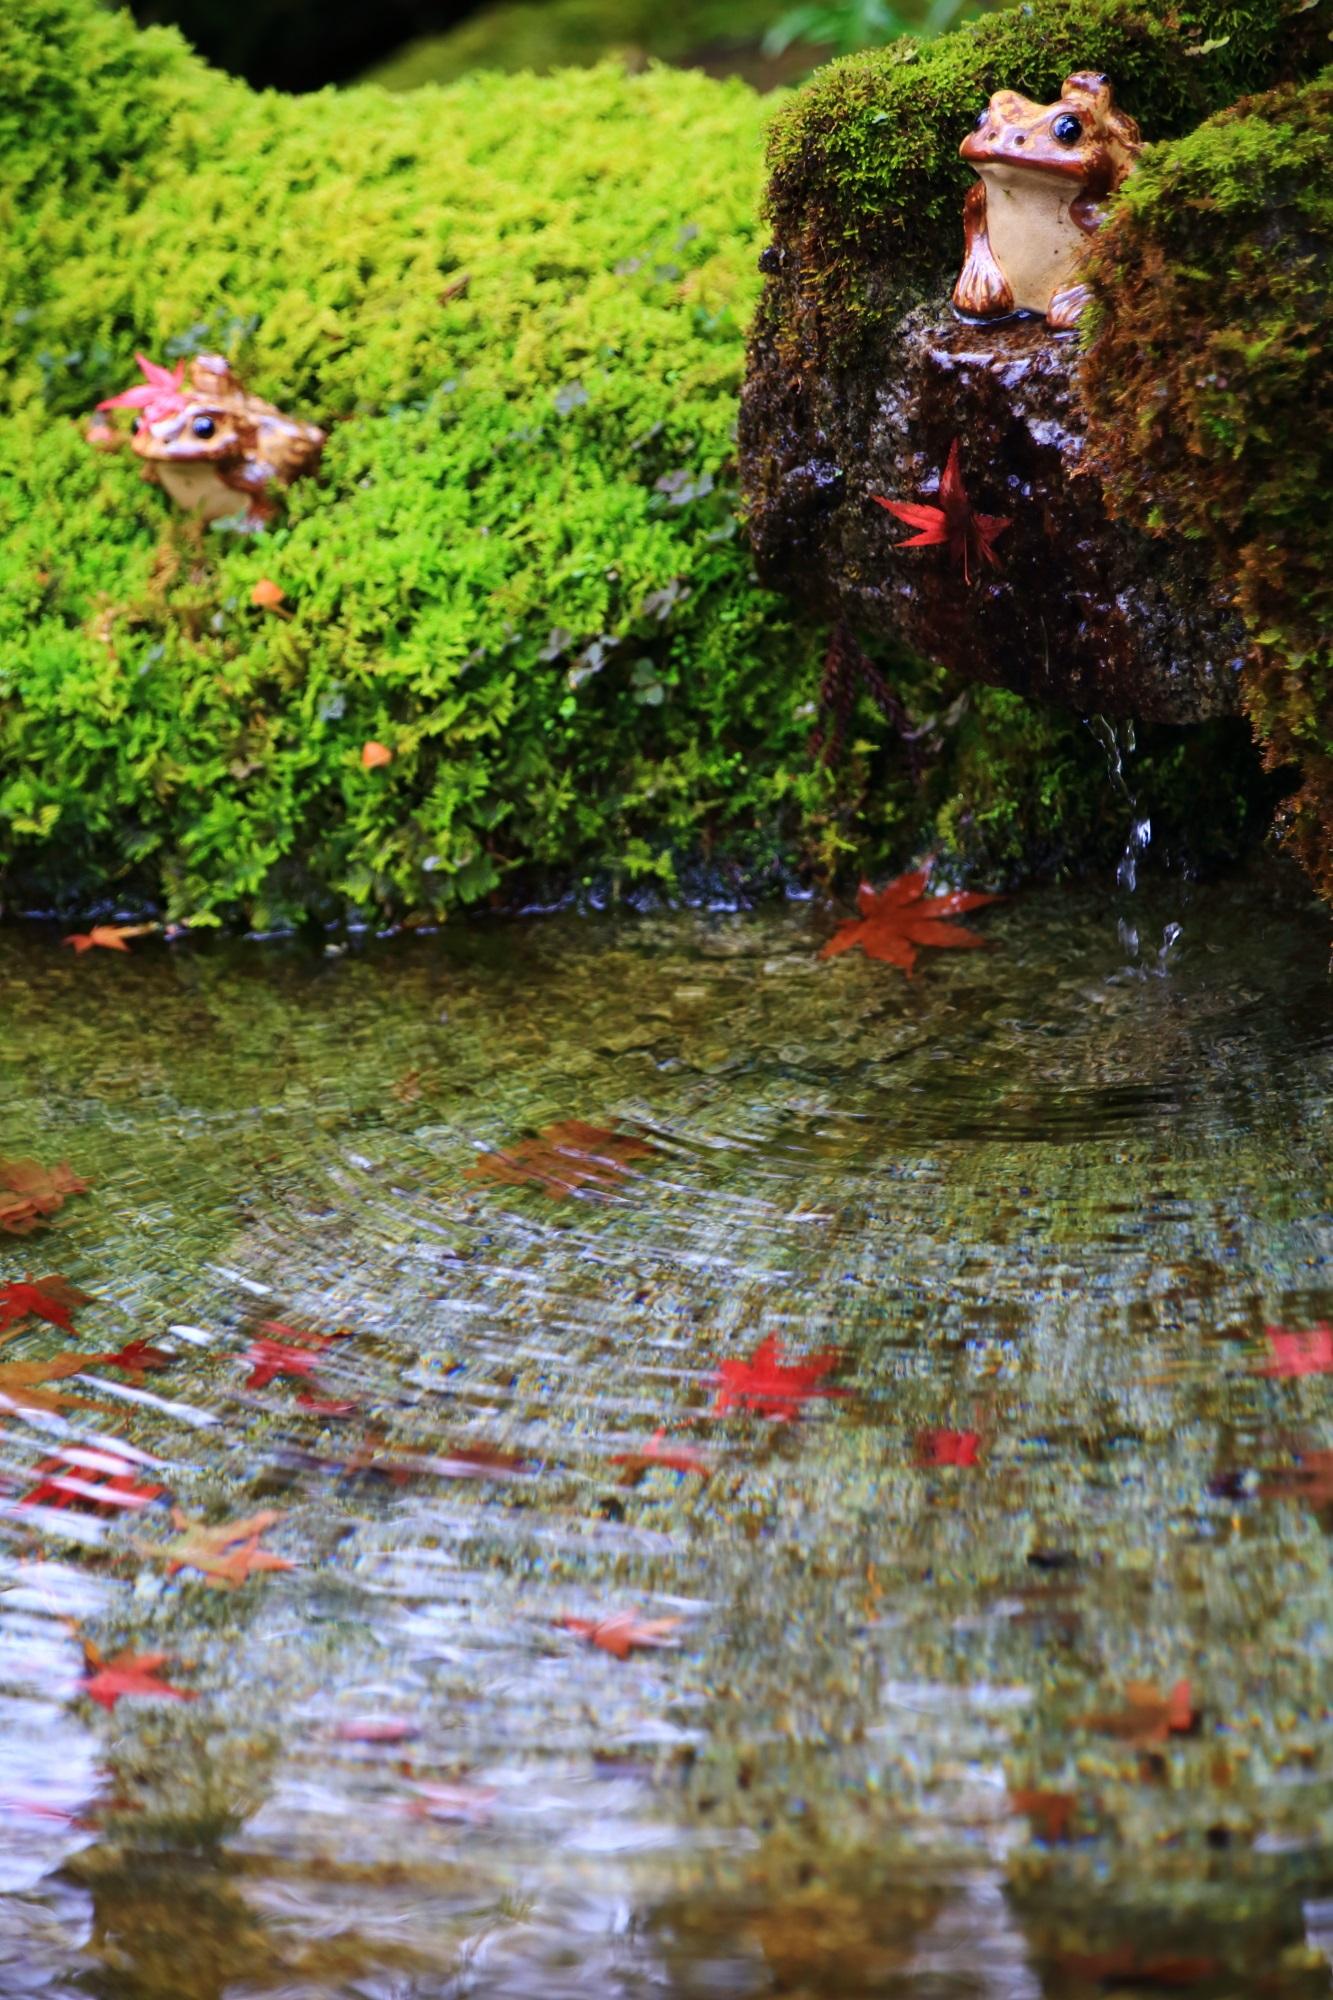 天授庵の紅葉が散る手水鉢のようなところのカエルさん